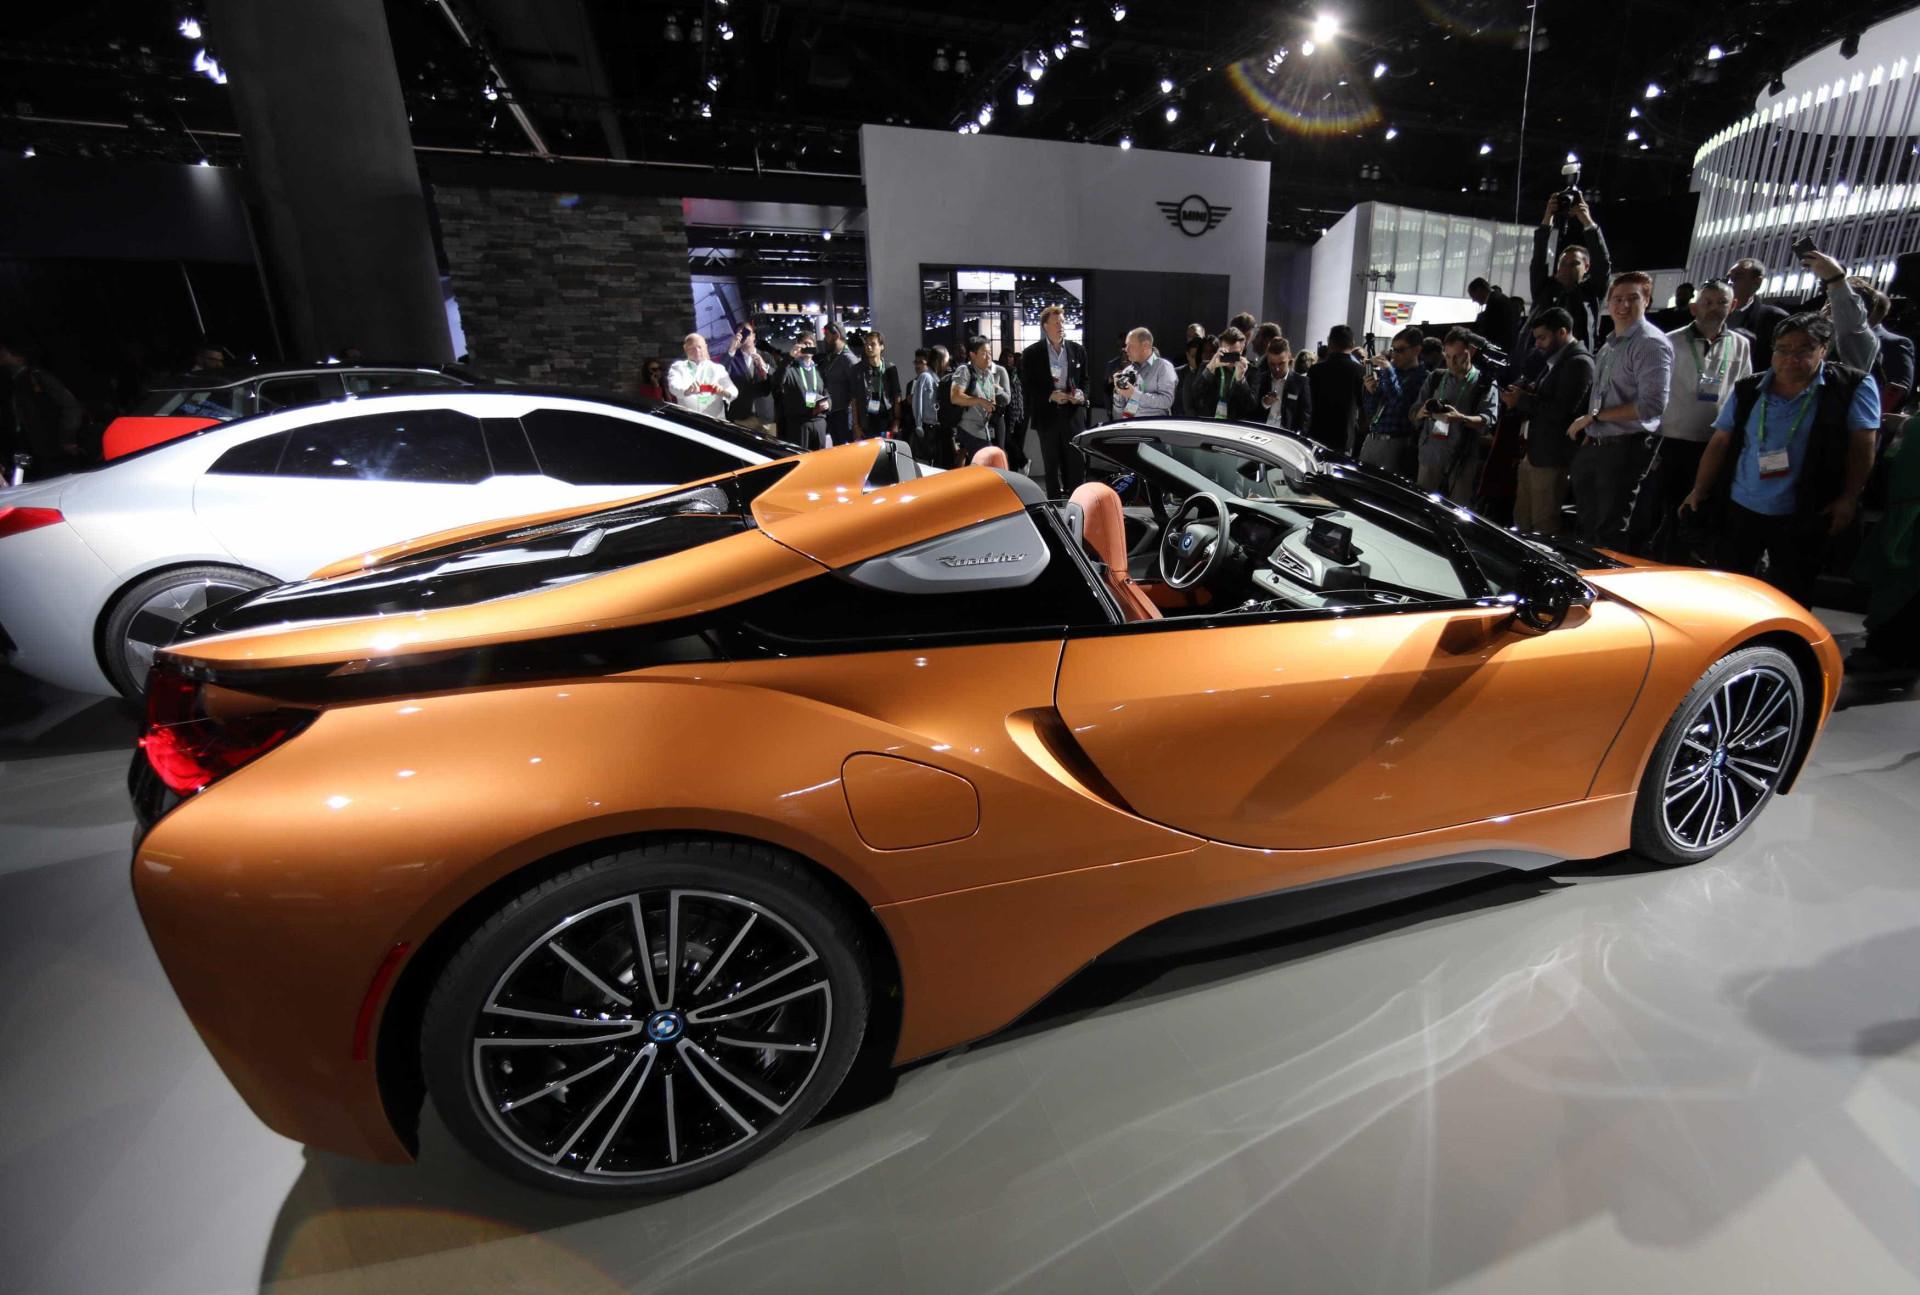 Finalmente chegou o BMW i8 Roadster: O desportivo elétrico e descapotável